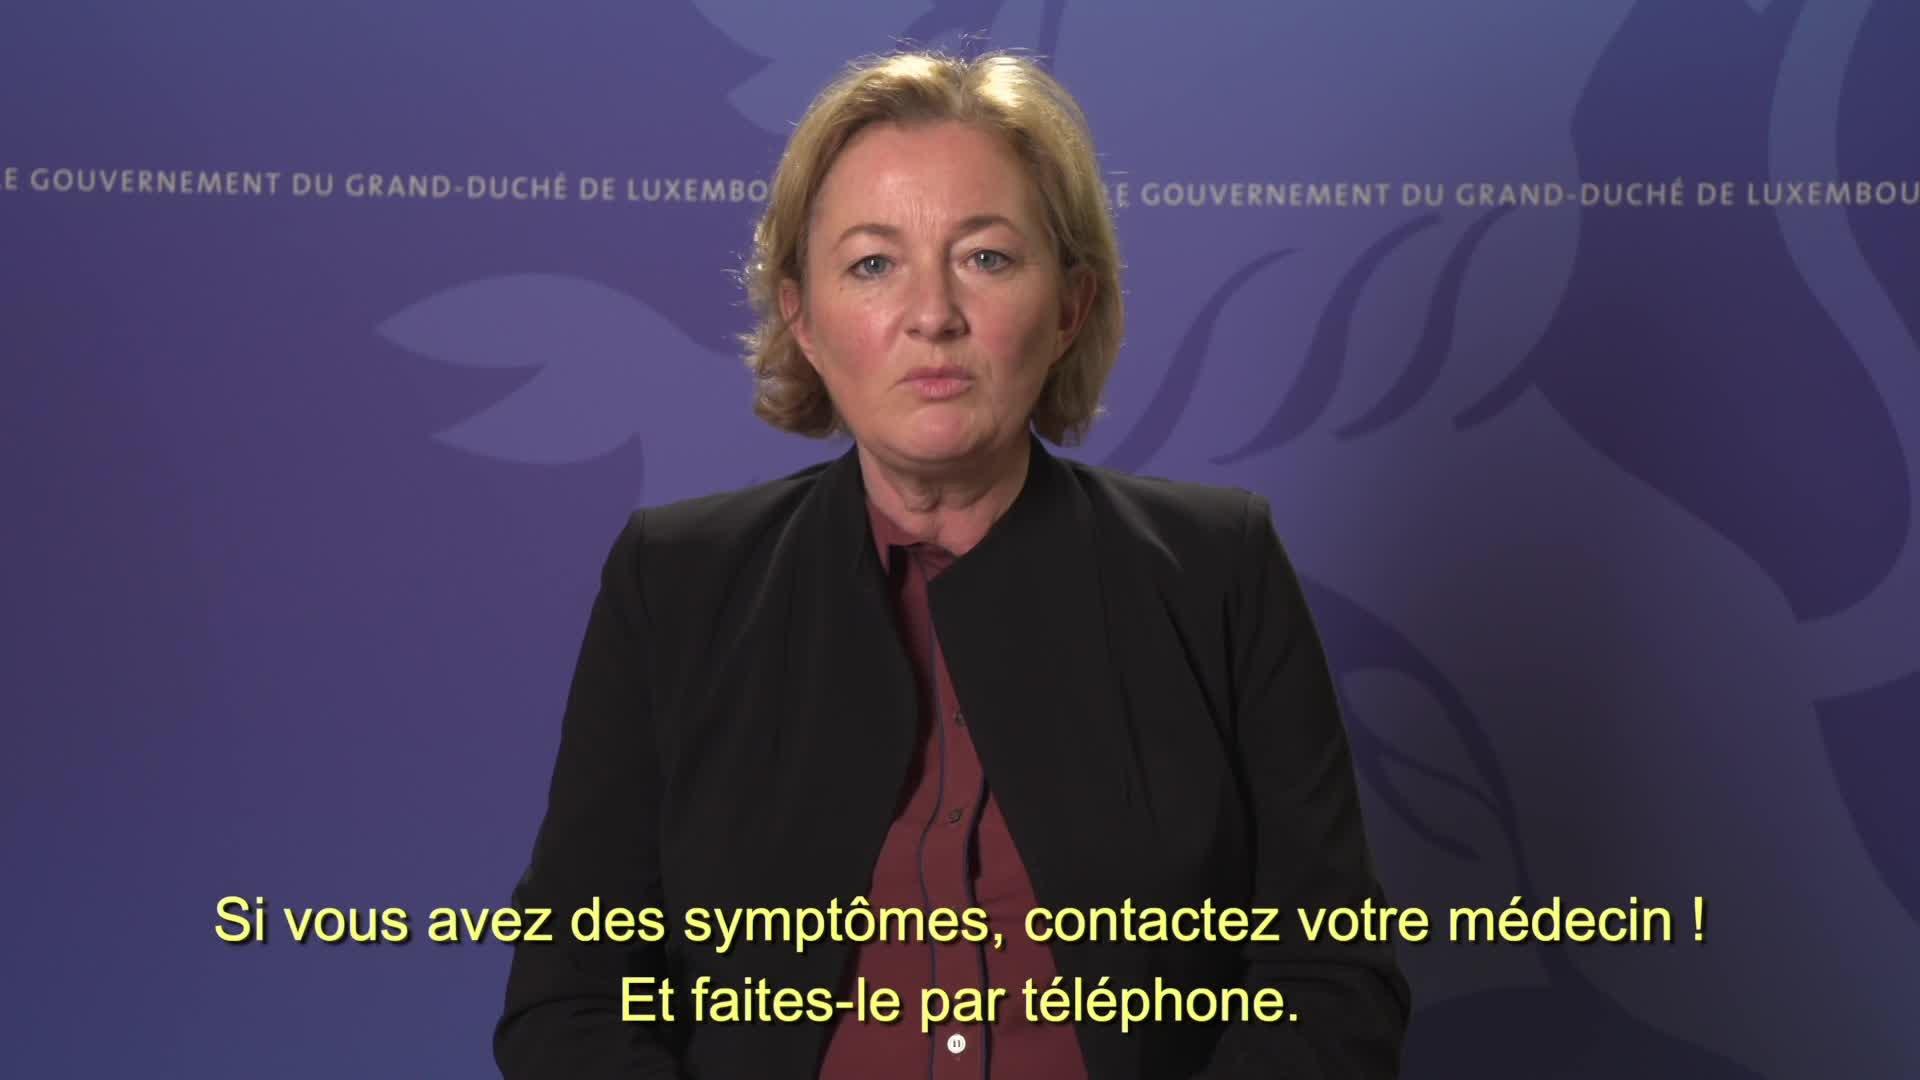 Covid19 - 4 questions à Paulette Lenert, ministre de la Santé